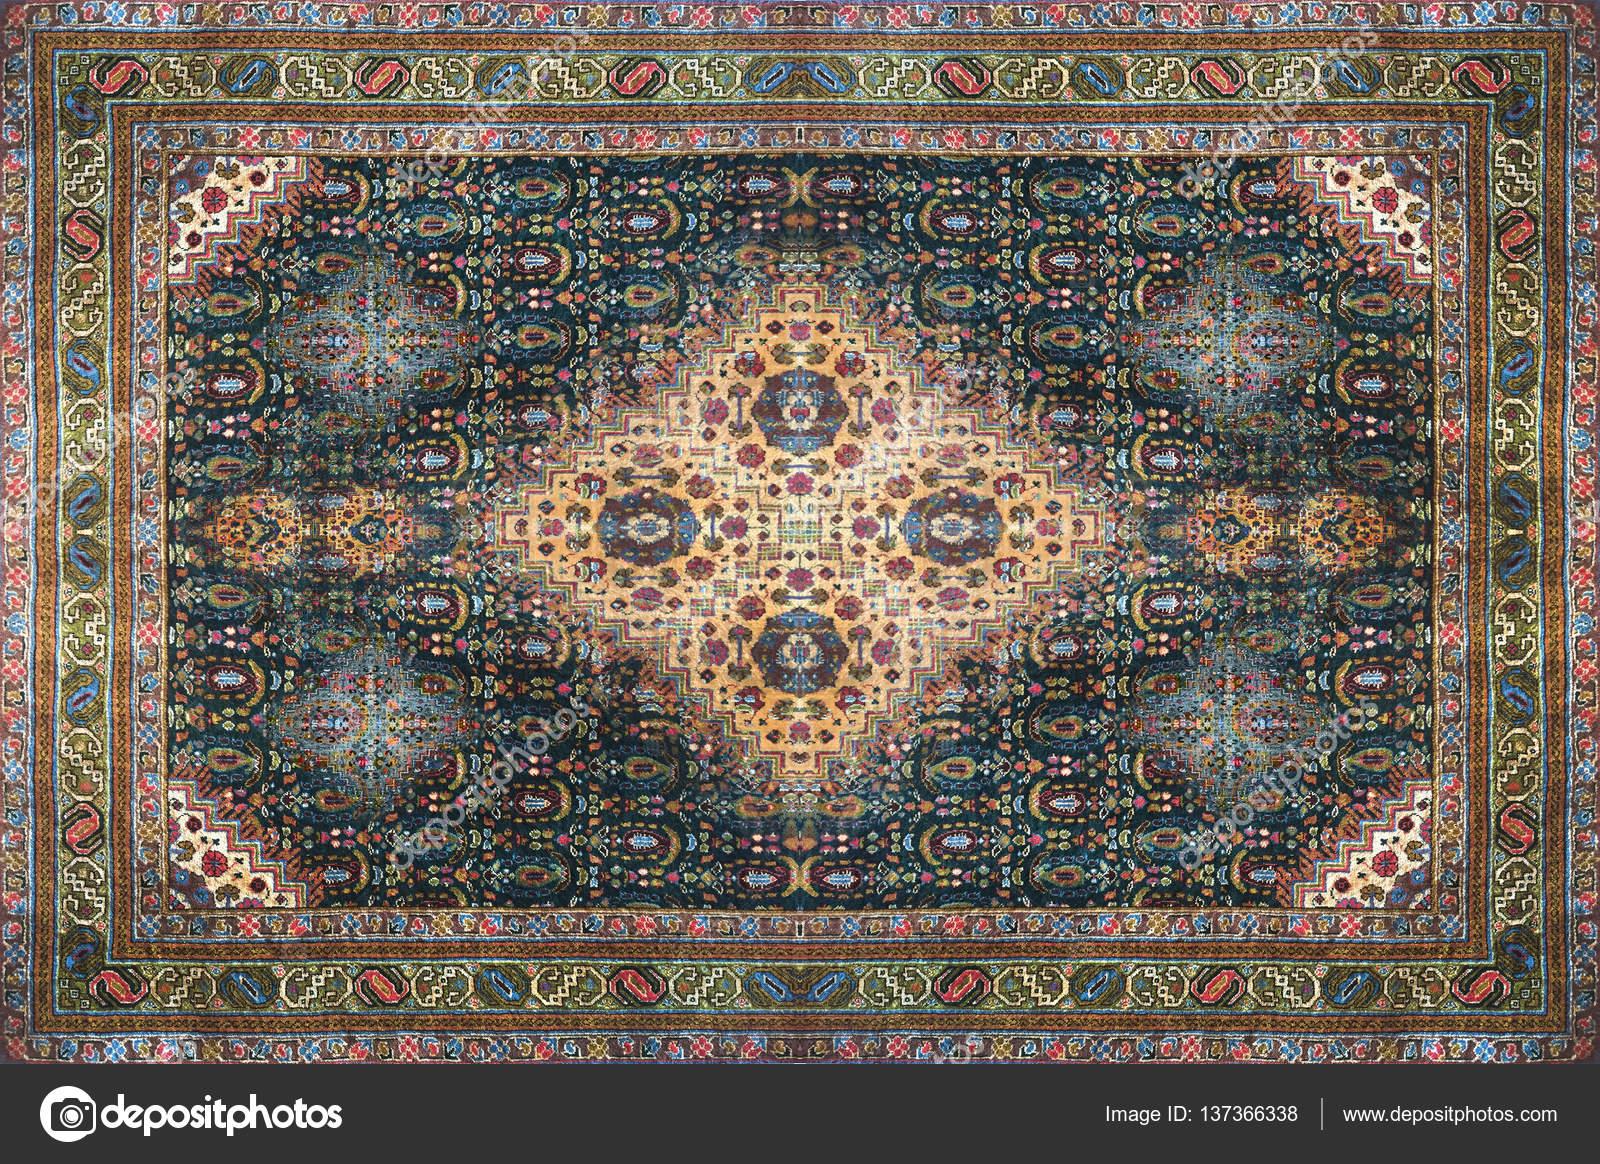 Abstrakt, Arabisch, Arabisch, Kunst, Hintergrund, Schön, Braun, Teppich,  Sammlung, Bunte, Dekor, Dekoration, Design, Ethnisch, Stoff, Boden,  Bodenbelag, ...